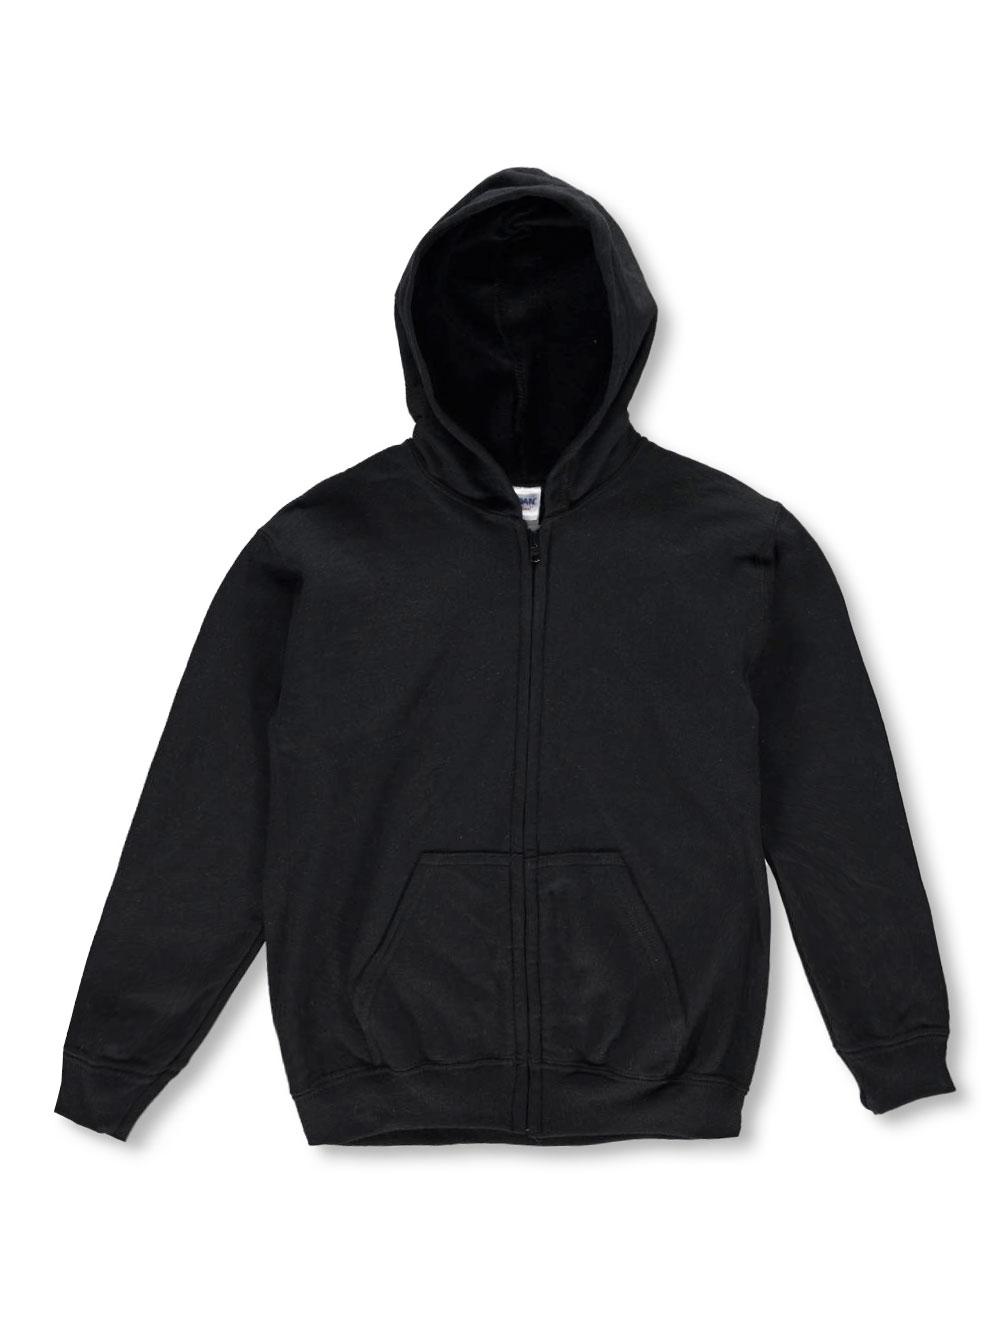 Image of Gildan Basic Fleece ZipUp Hoodie Adult Sizes S  XL  black xl